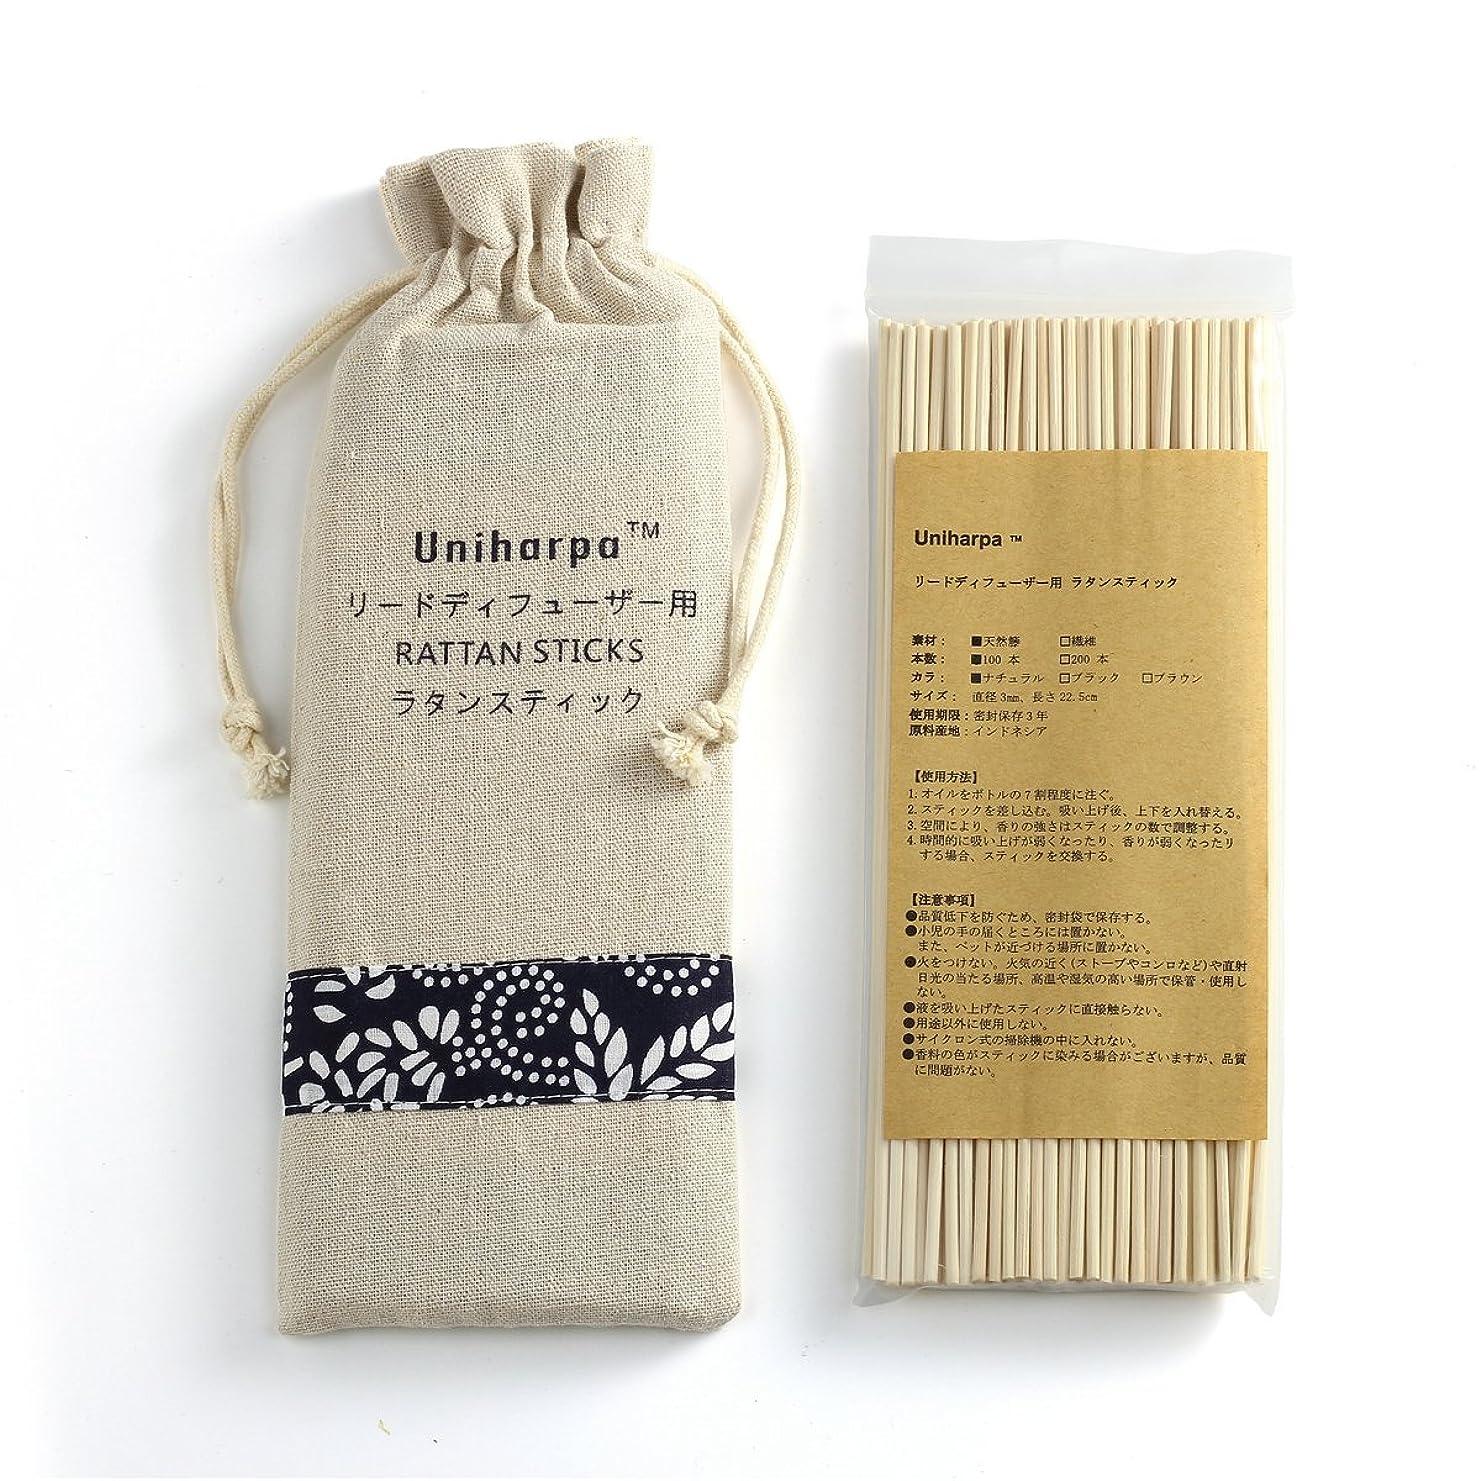 したがってマチュピチュねじれリードディフューザー用 ラタンスティック/リードスティック リフィル 天然籐 22.5cm 直径3mm 100本入 乾燥剤入り オリジナル旅行専用袋付き (ナチュラル)